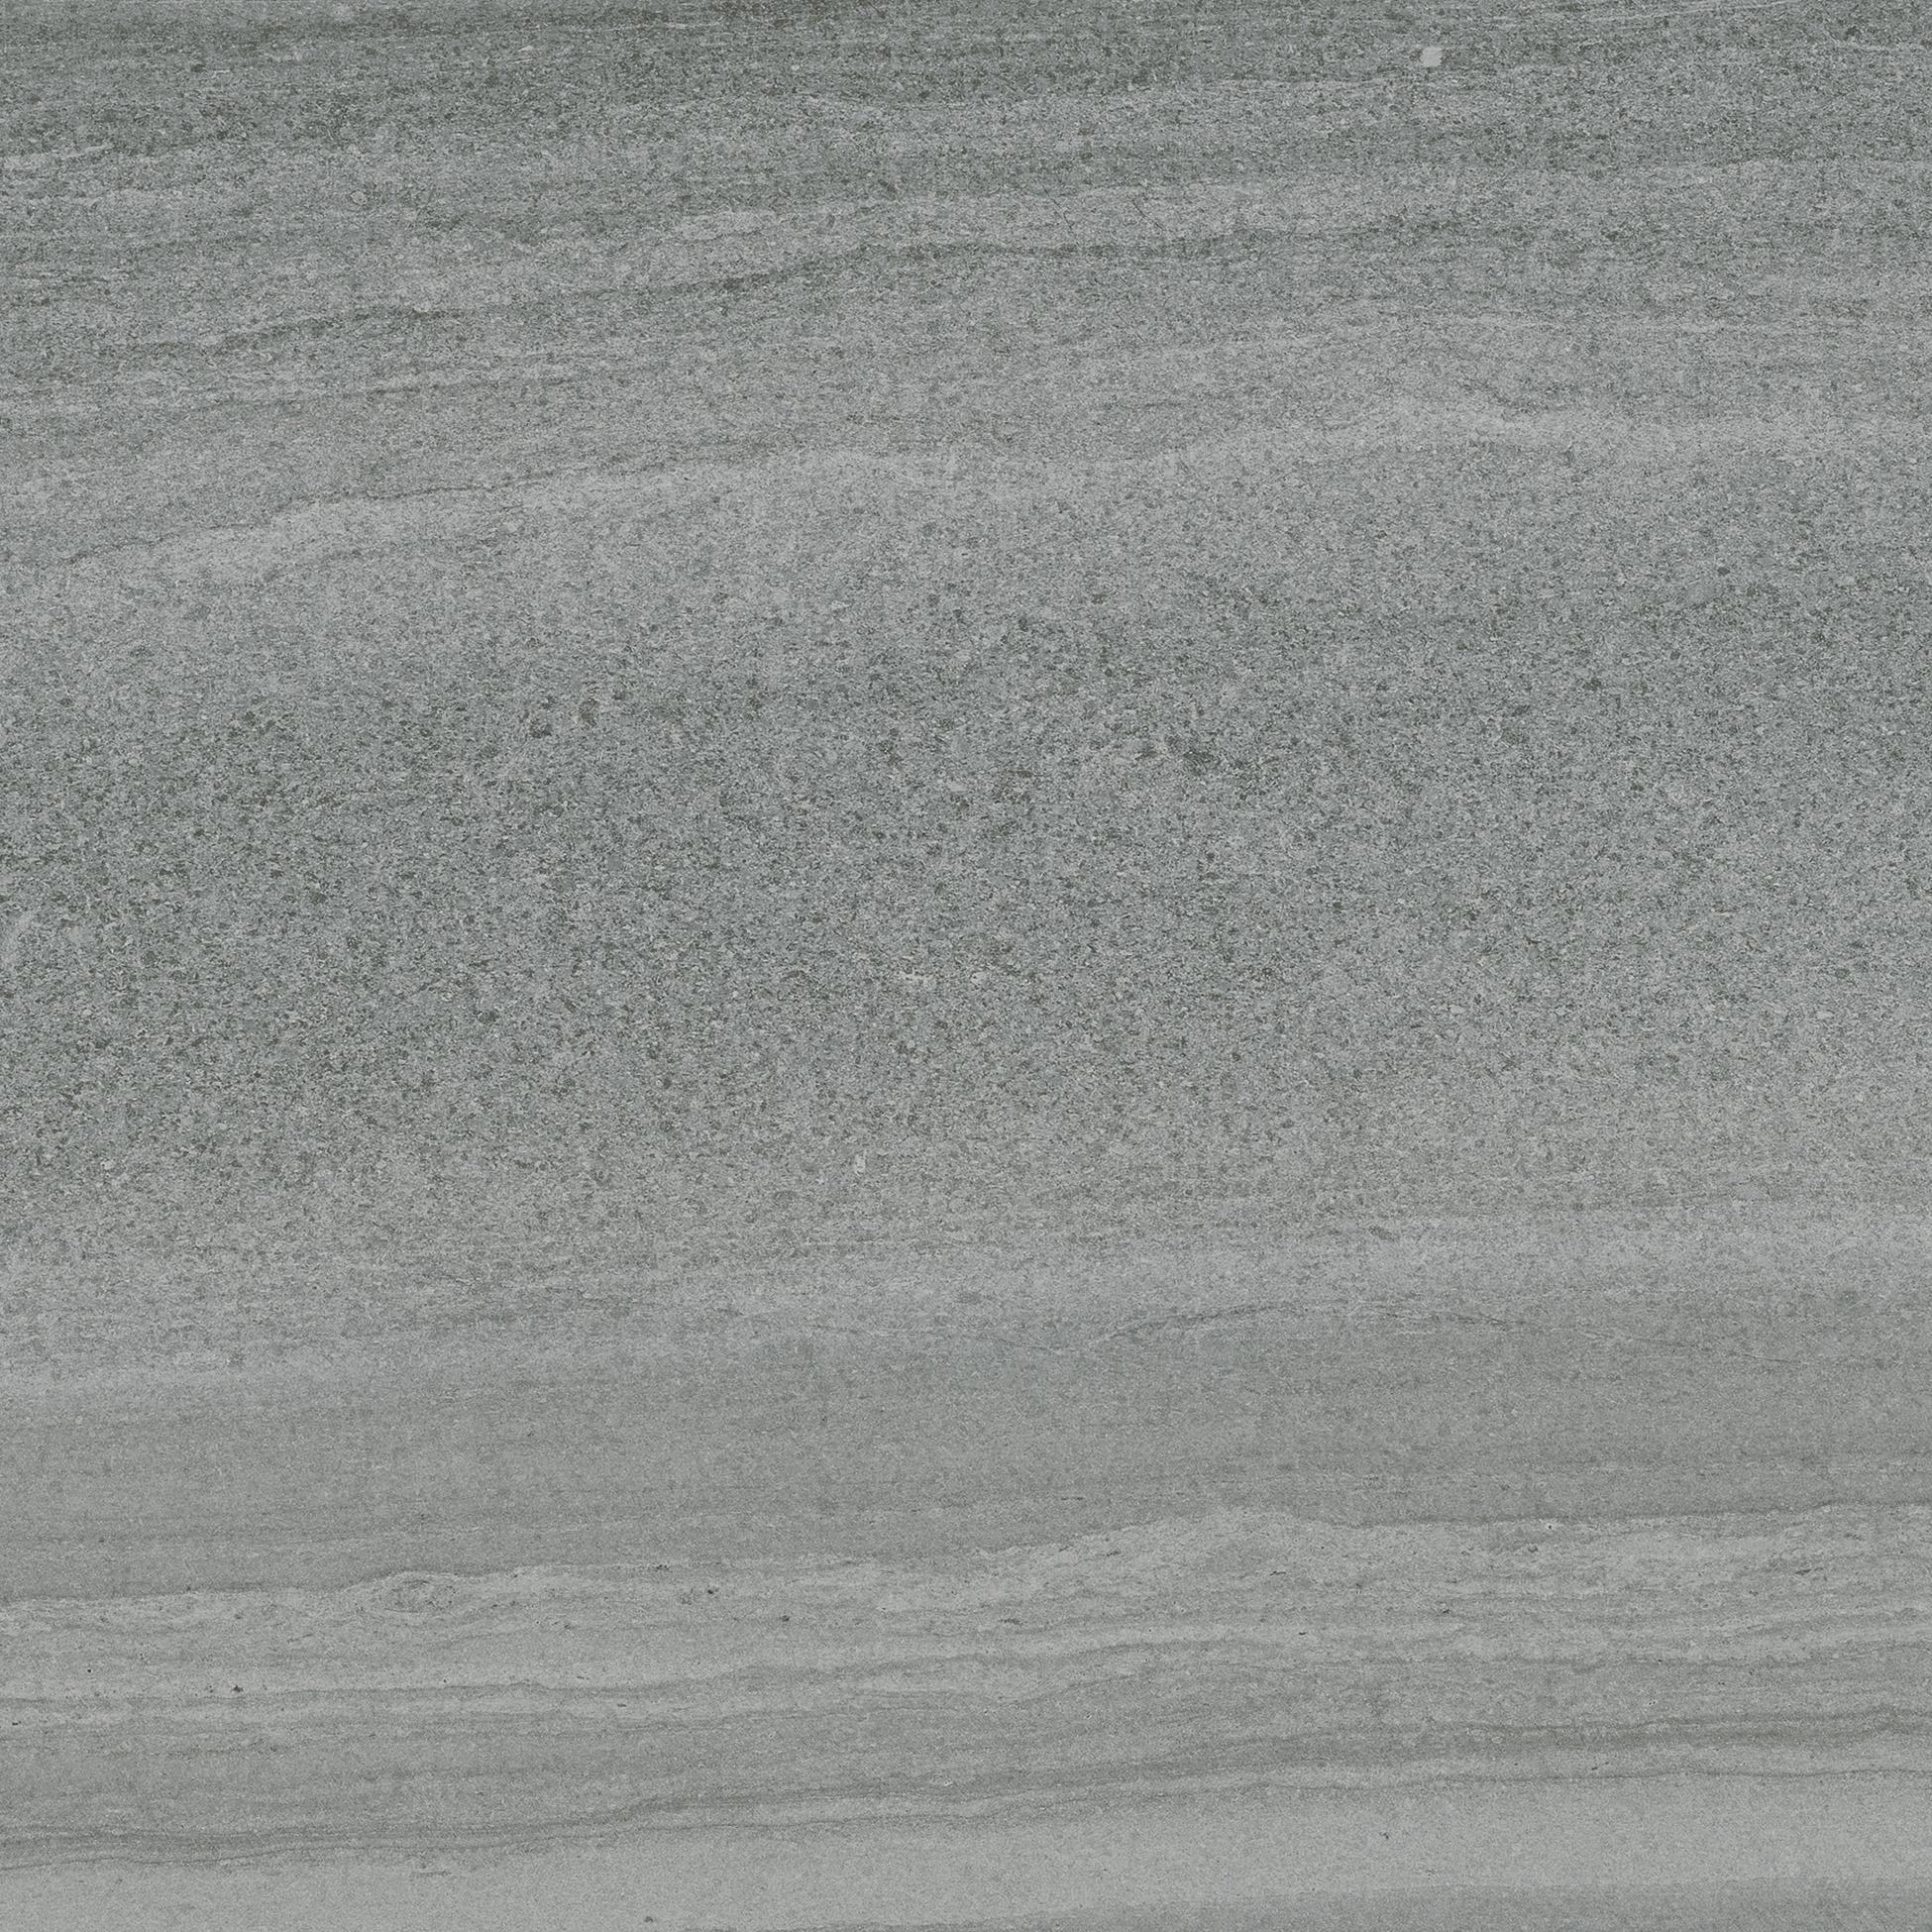 63 643 13x13 Davenport Mica HD Porcelain Tile